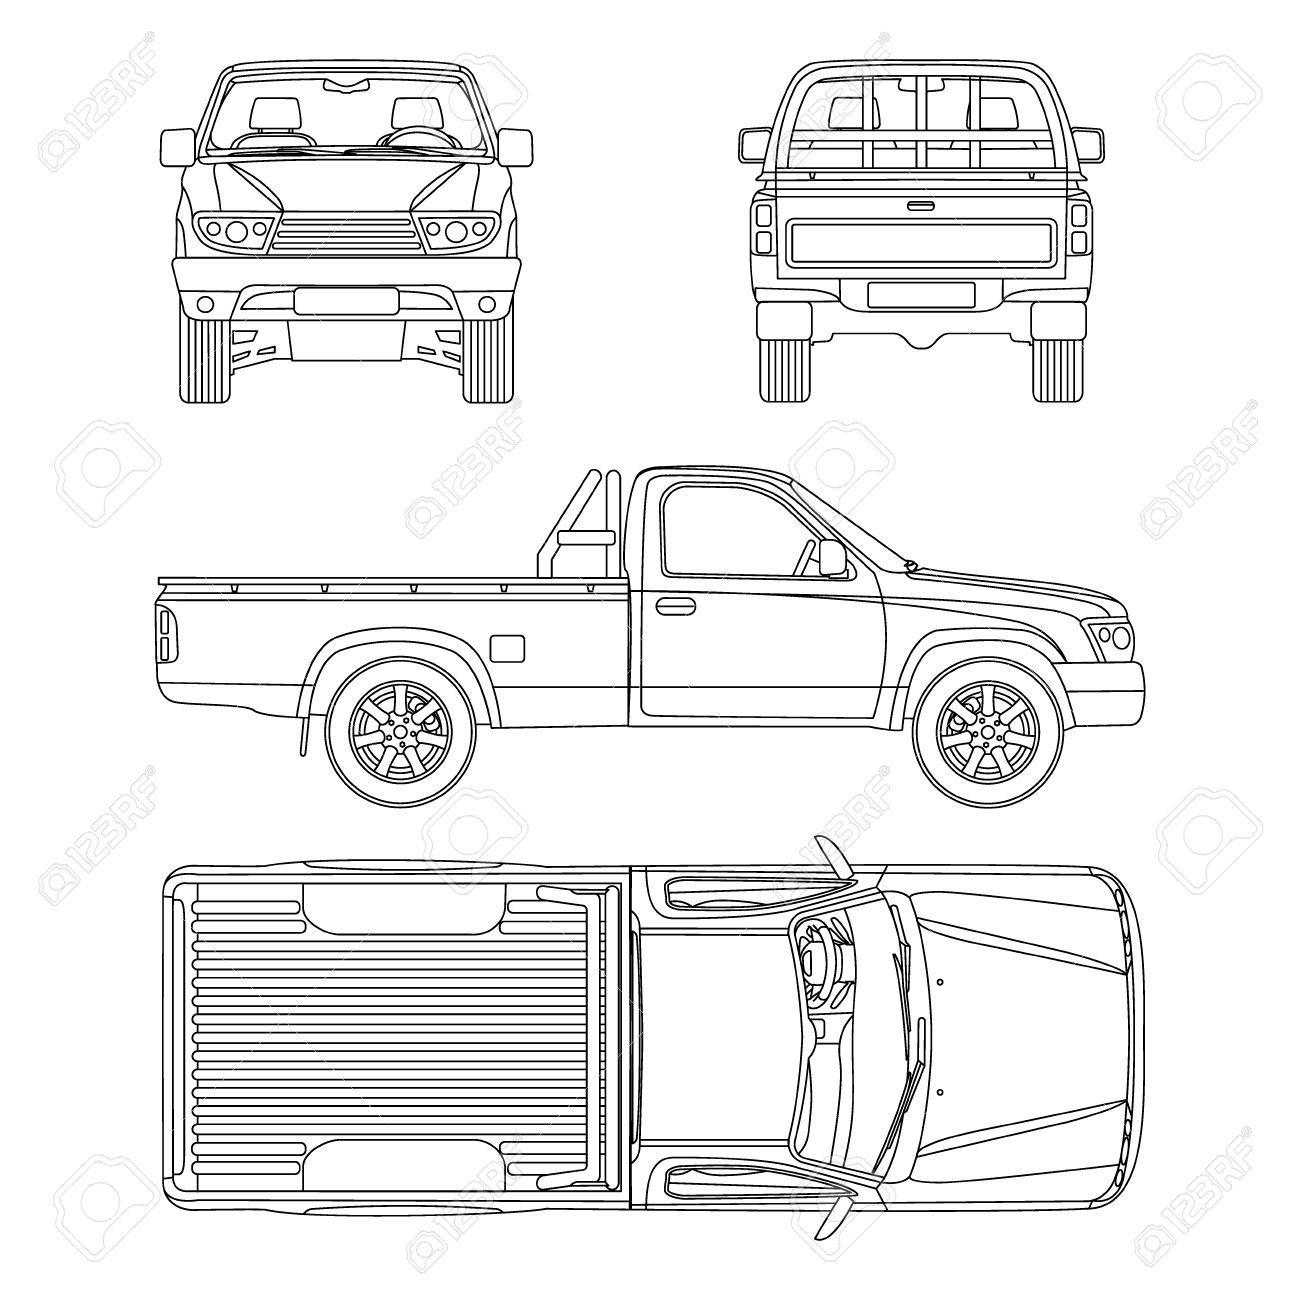 55832520-Pickup-Illustration-Bauplan-Lizenzfreie-Bilder.jpg (1300×1300)